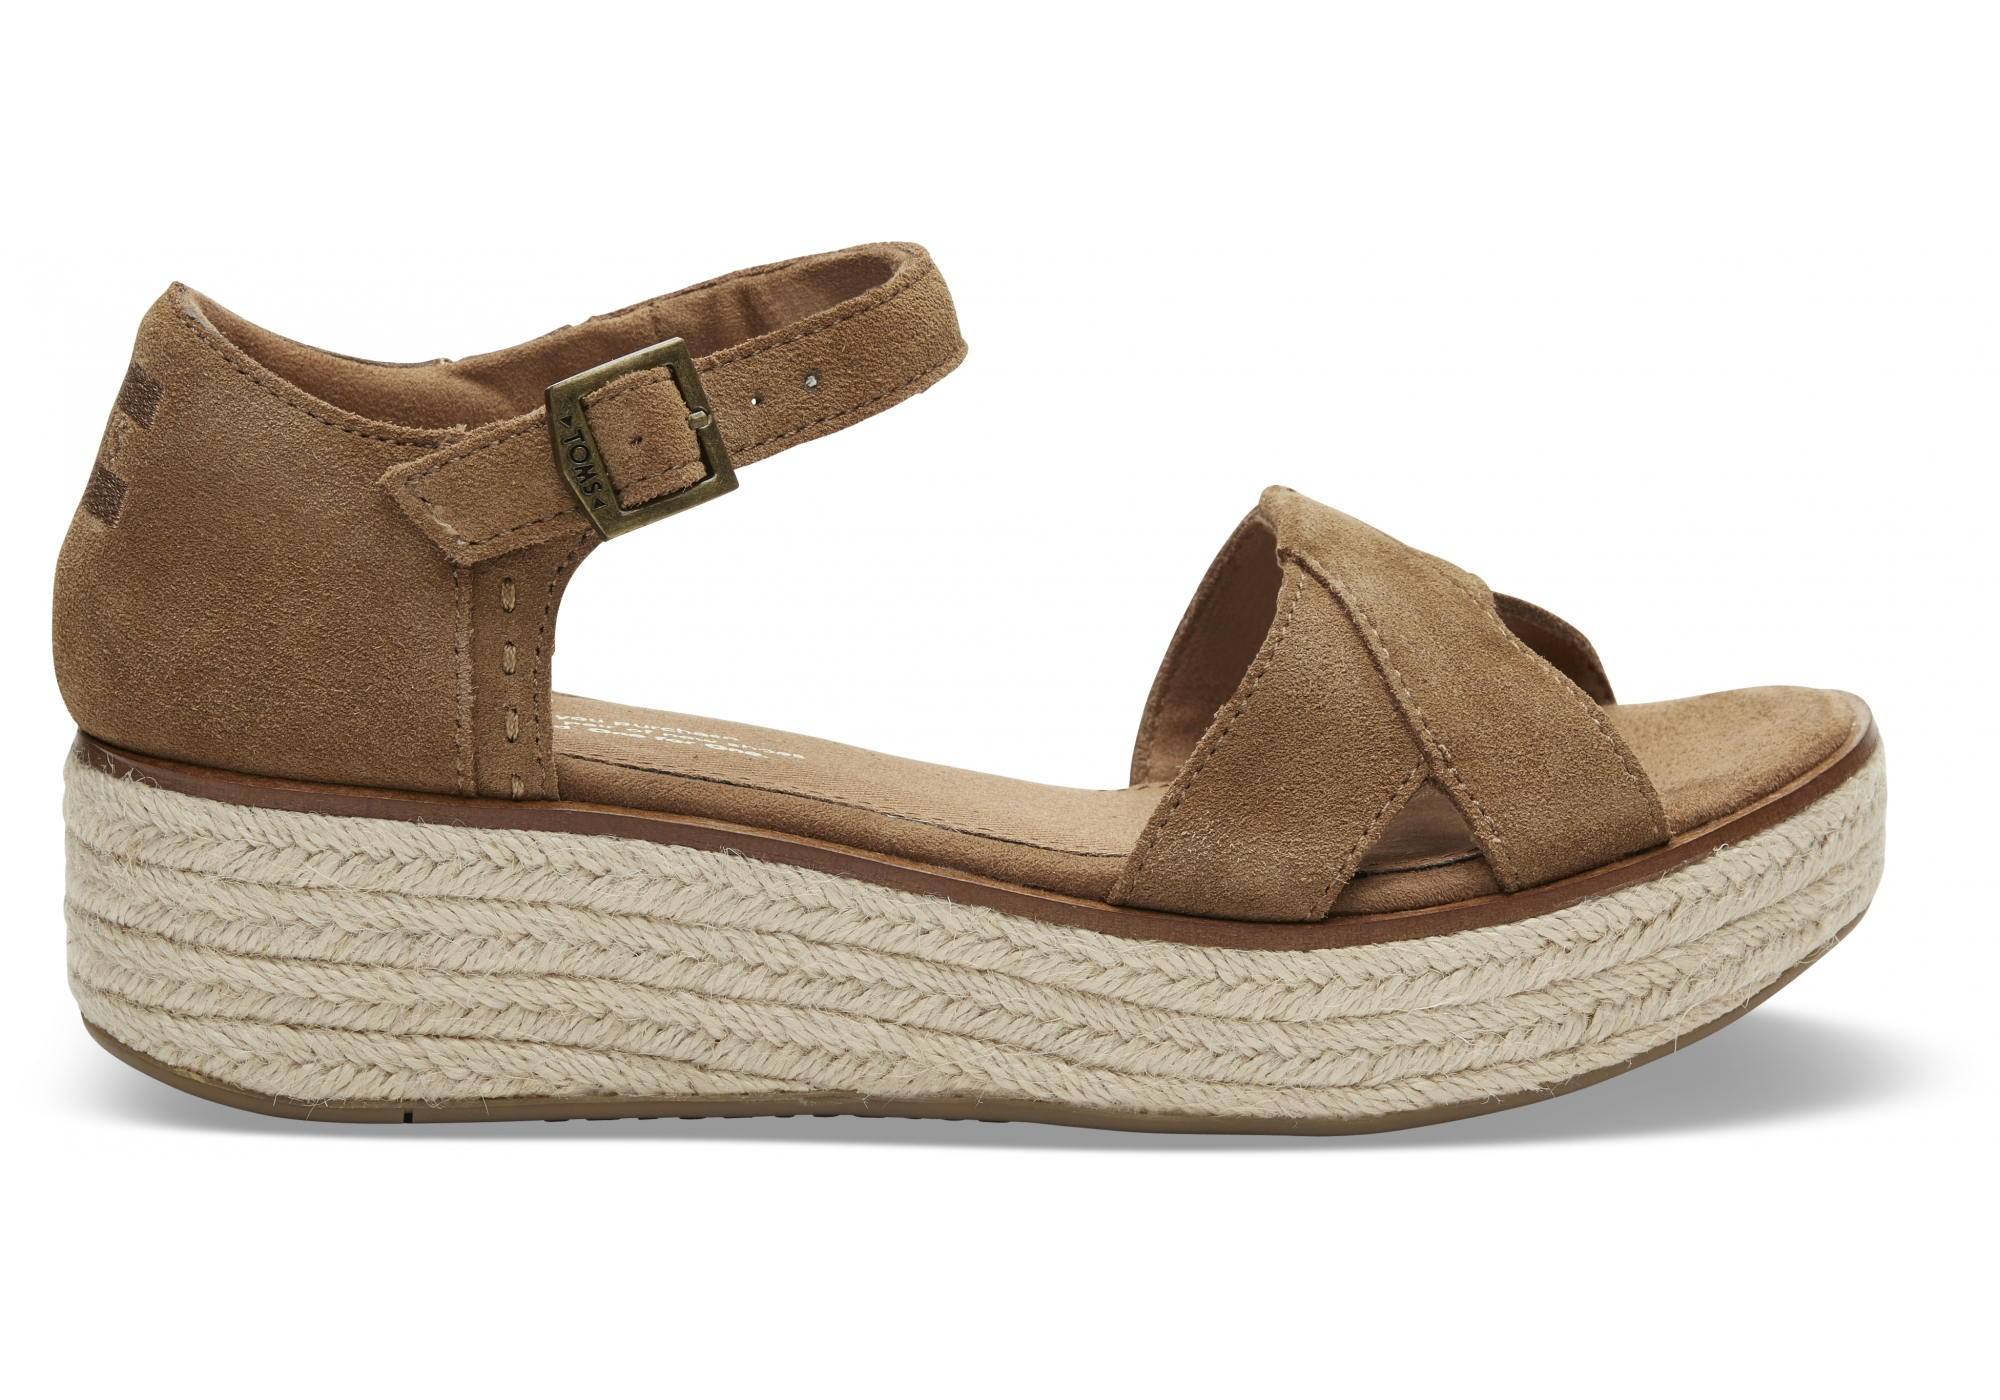 89143b53d1782 dámské hnědé sandálky na platformě TOMS Suede   Urbanlux